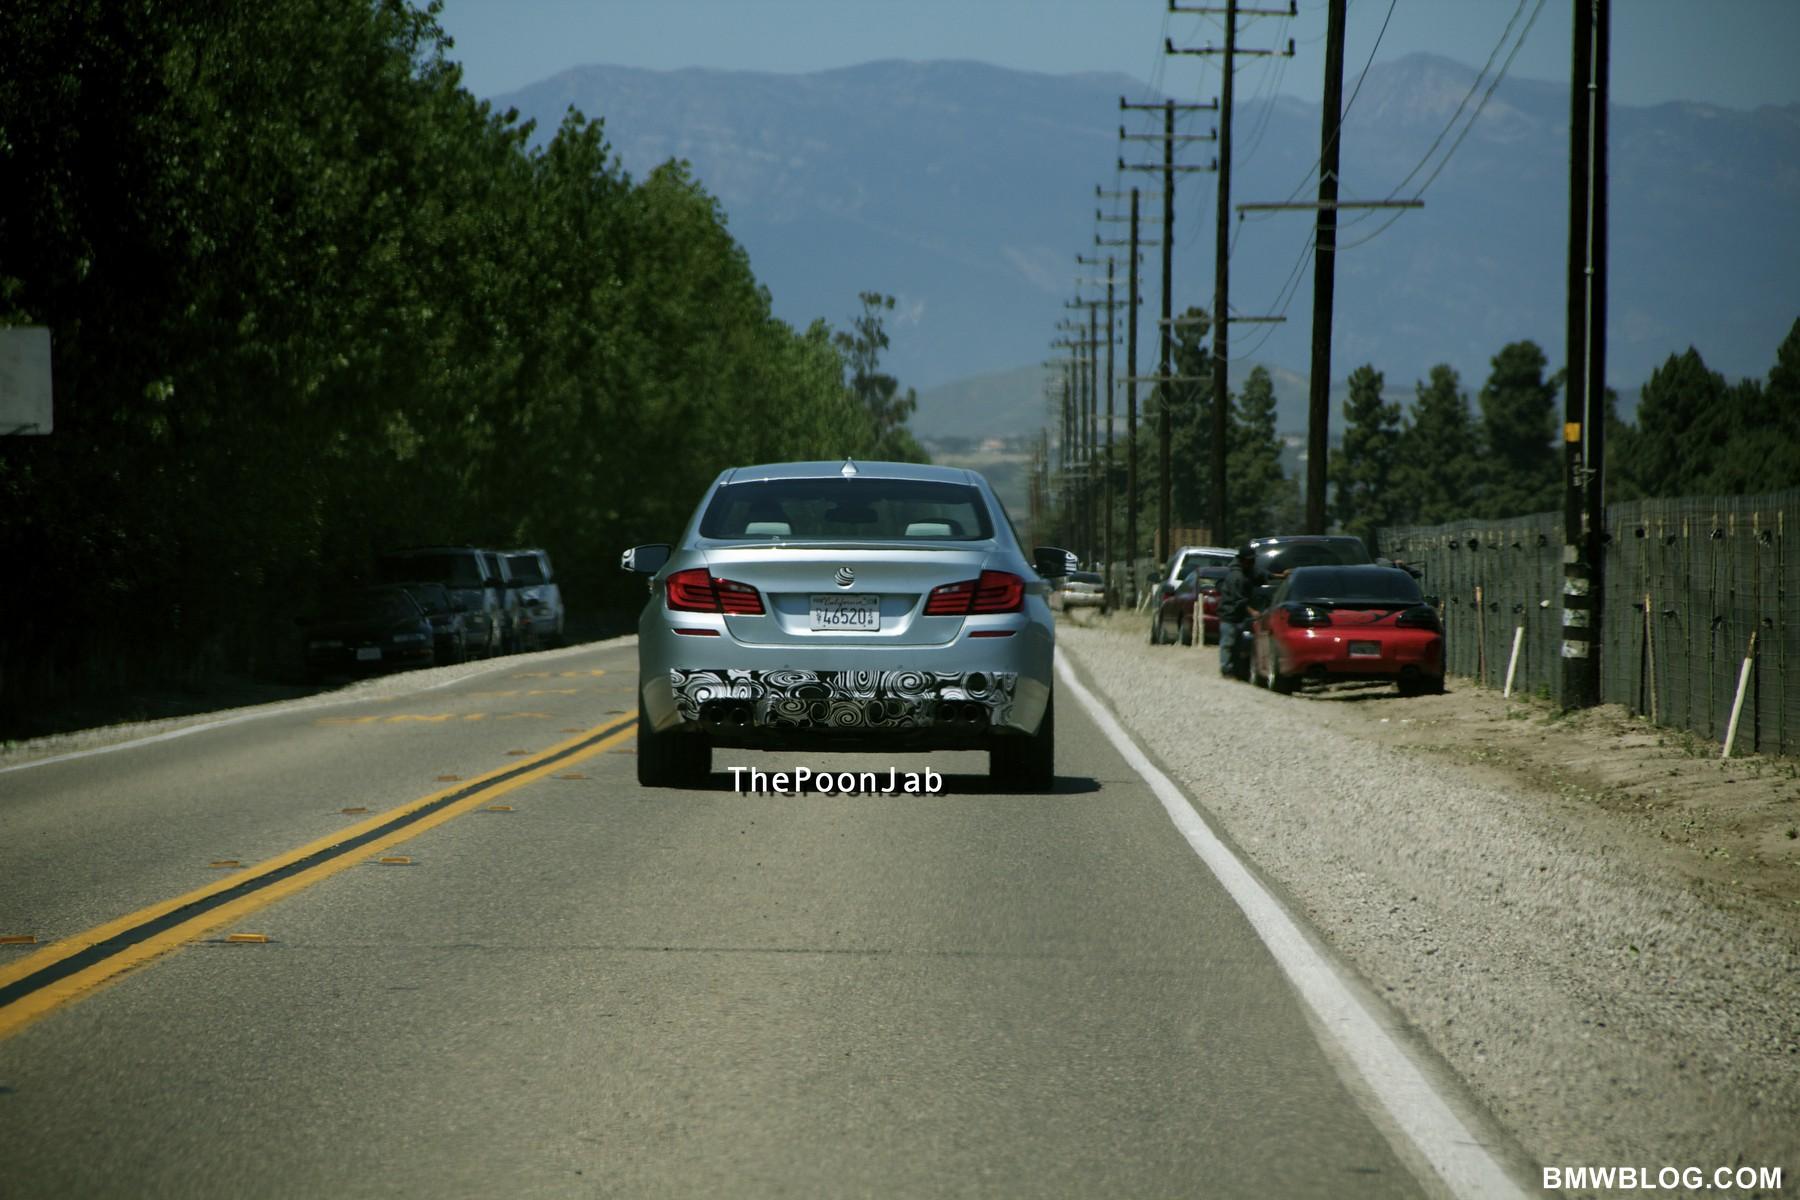 BMW-M5-spy-photos-01